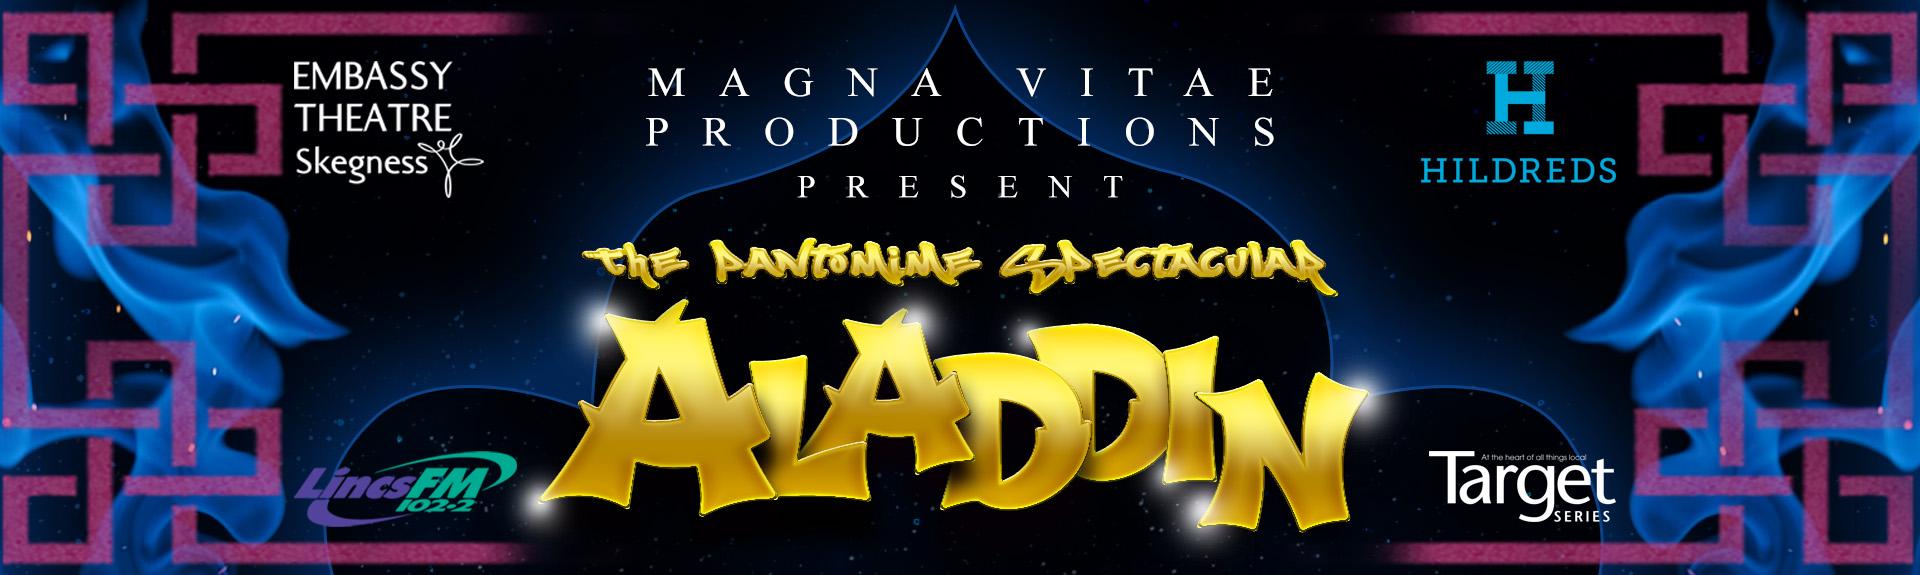 AladdinHeader.jpg